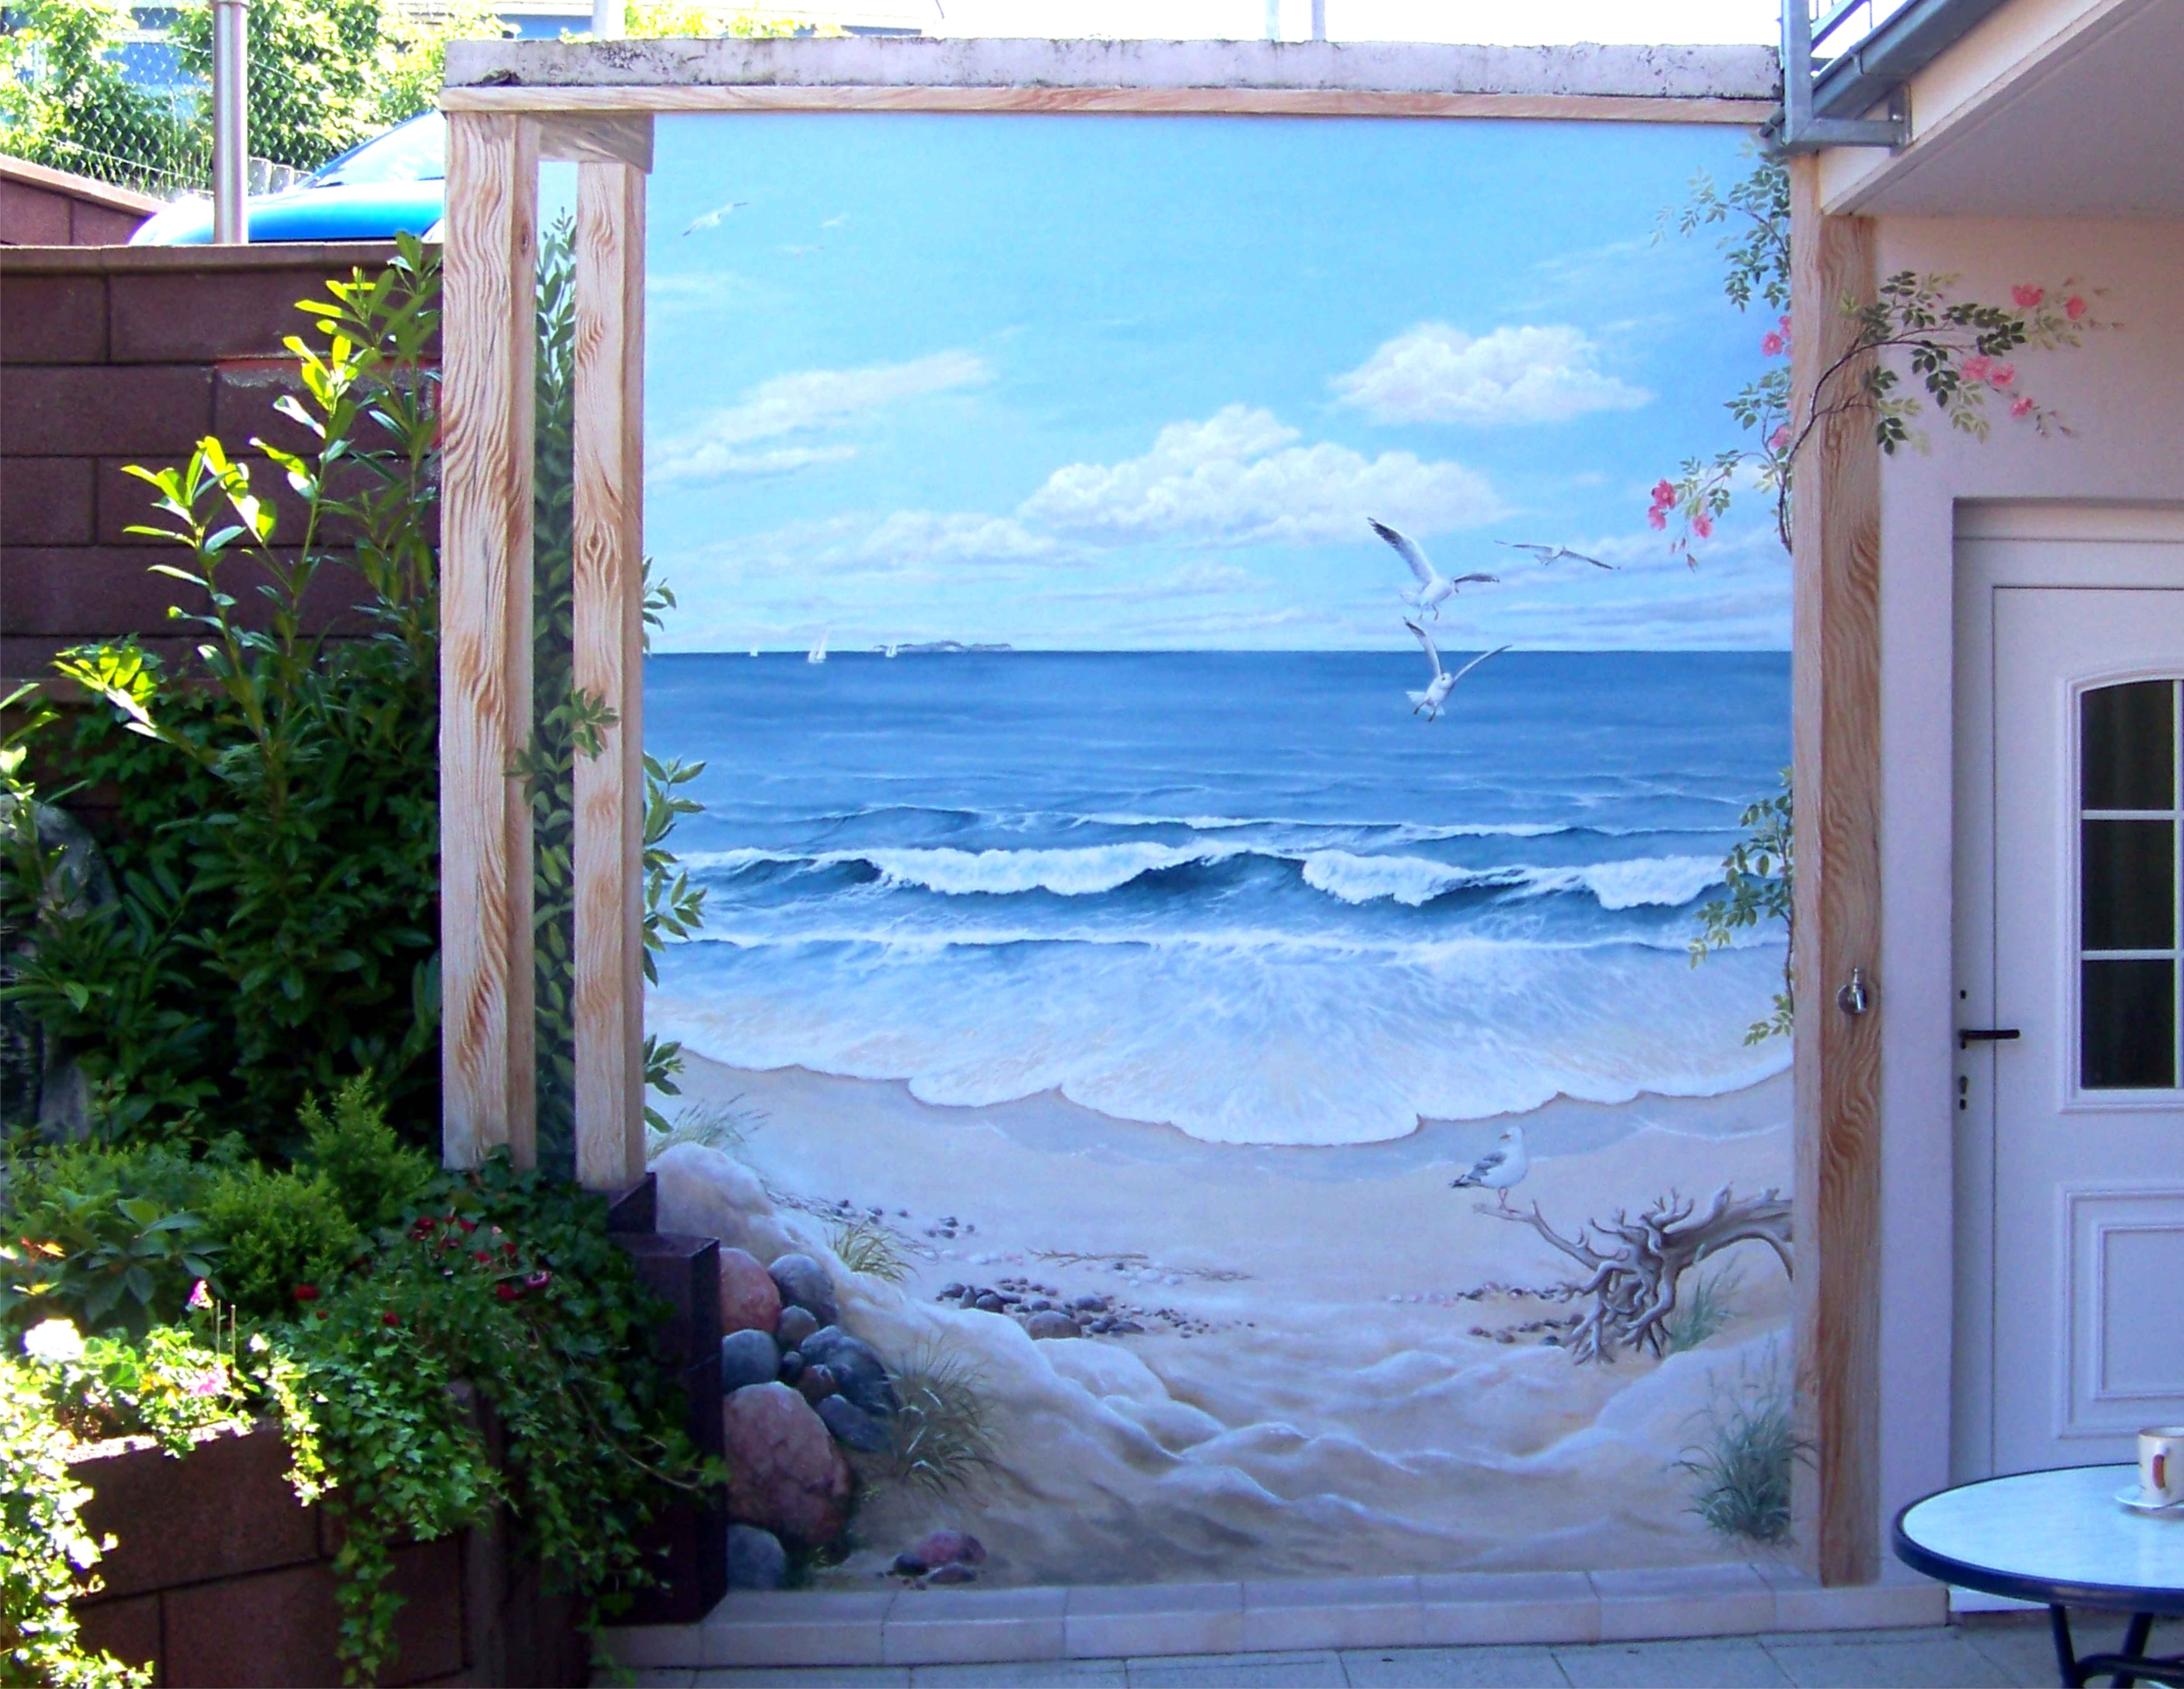 Strand auf der terrasse wandmalerei meine bilder - Wandgestaltung terrasse ...